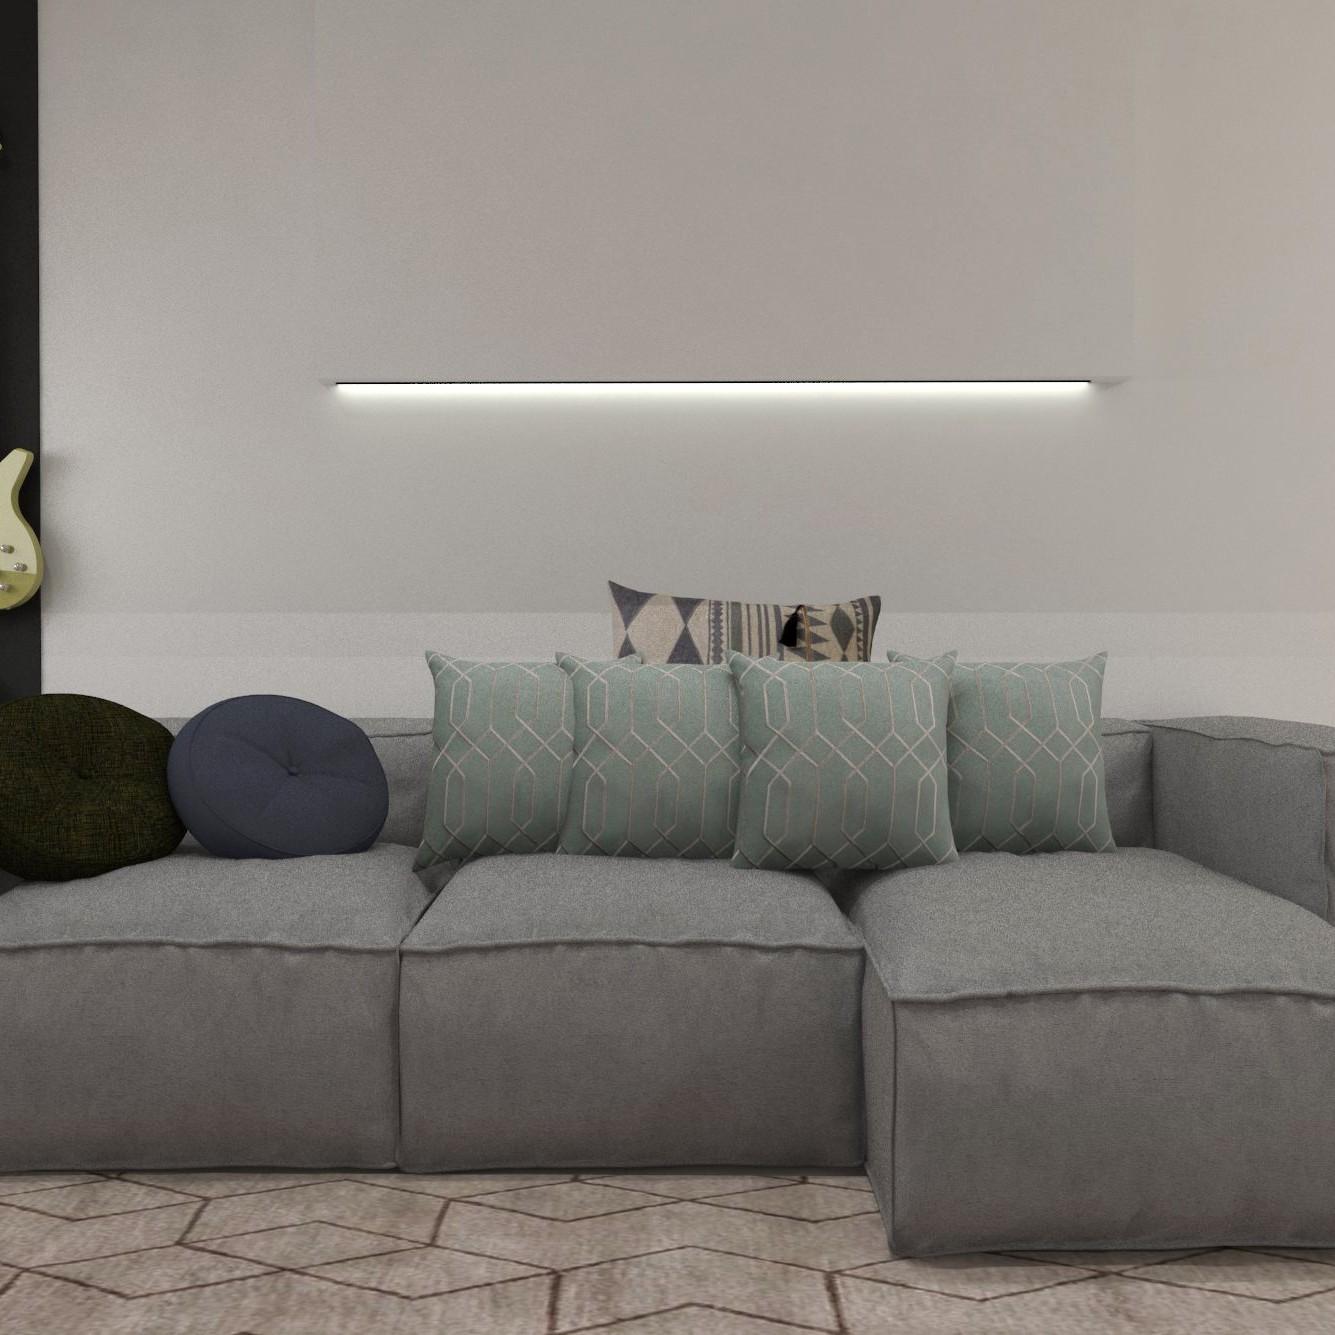 Sala de estar contemporânea desenvolvida pelo estúdio Murilo Zadulski Interiores - Designer de interiores em Curitiba - Projetos e consultoria img0102